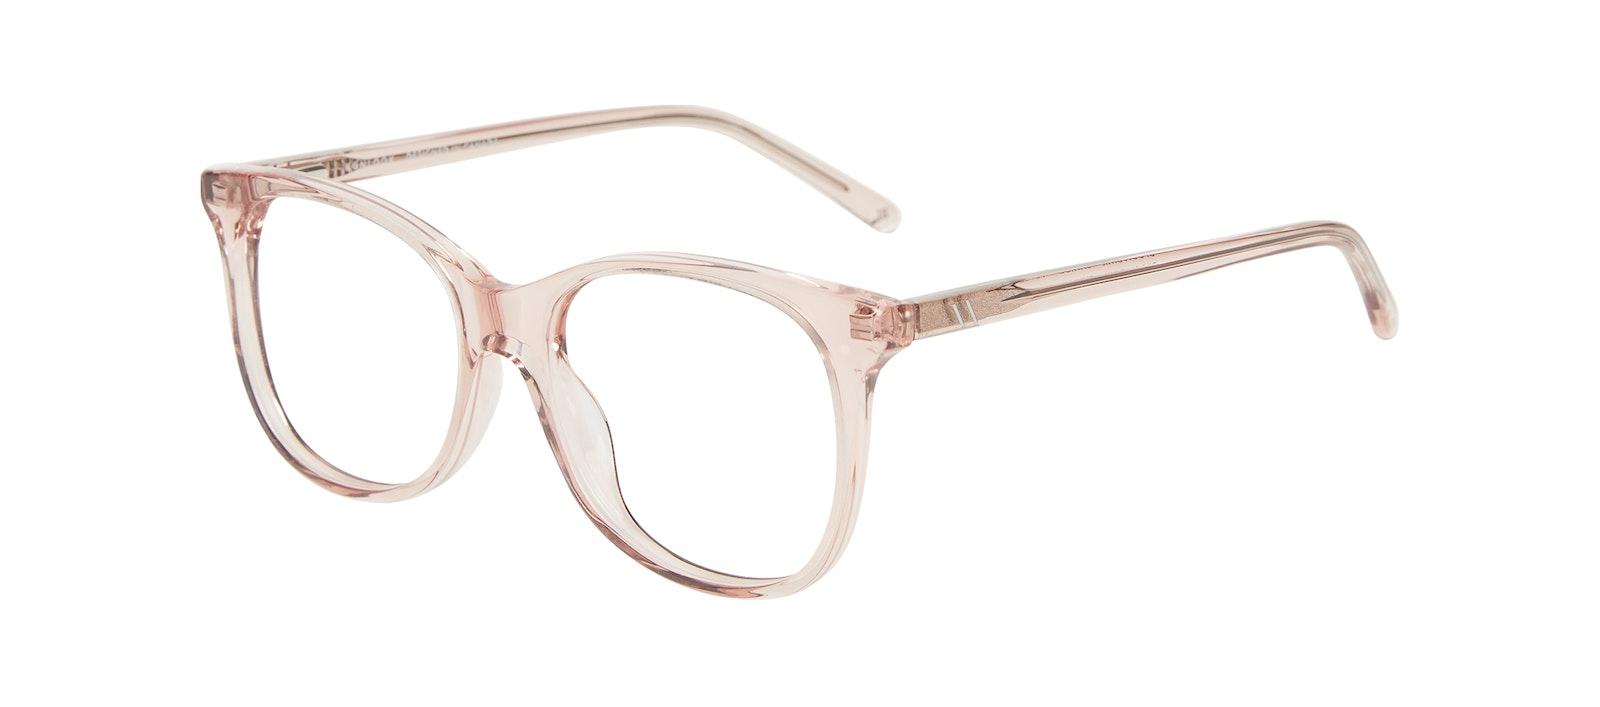 Affordable Fashion Glasses Square Eyeglasses Kids Bloom Junior Pink Tilt